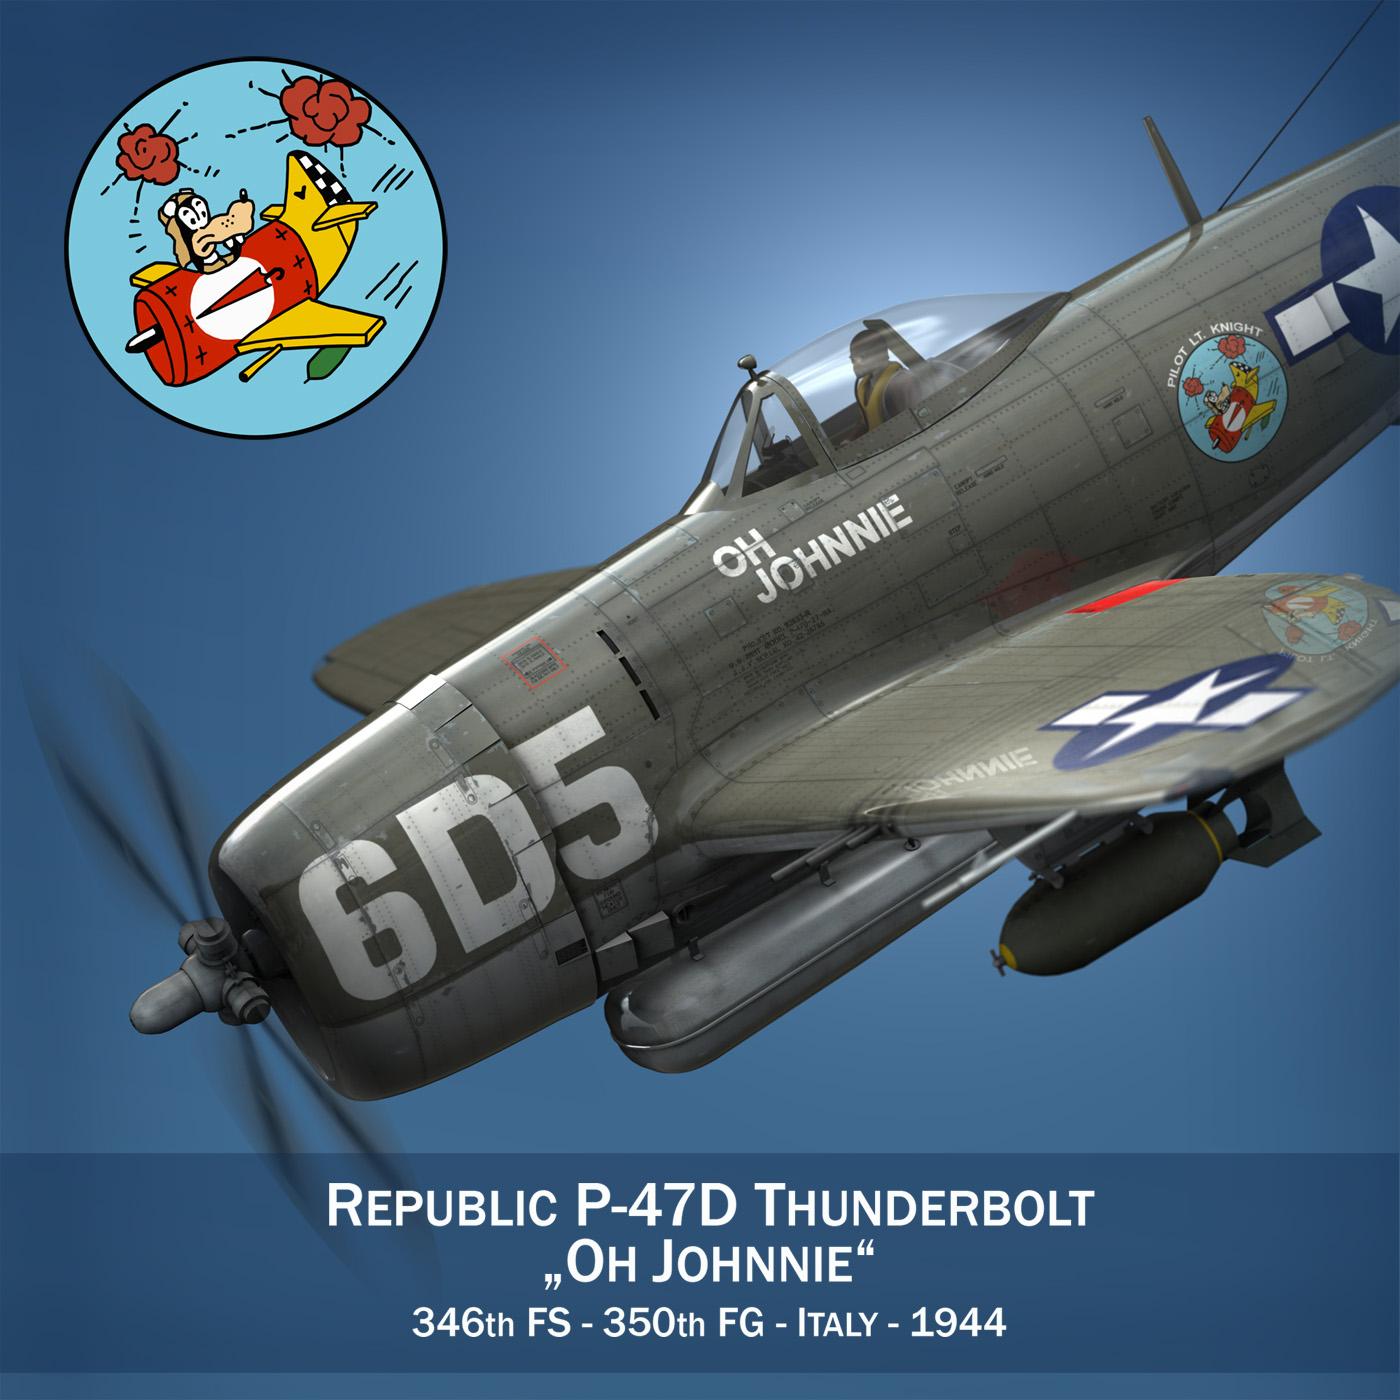 Republic P-47 Thunderbolt - Oh Johnnie 3d model fbx c4d lwo lws lw obj 274247